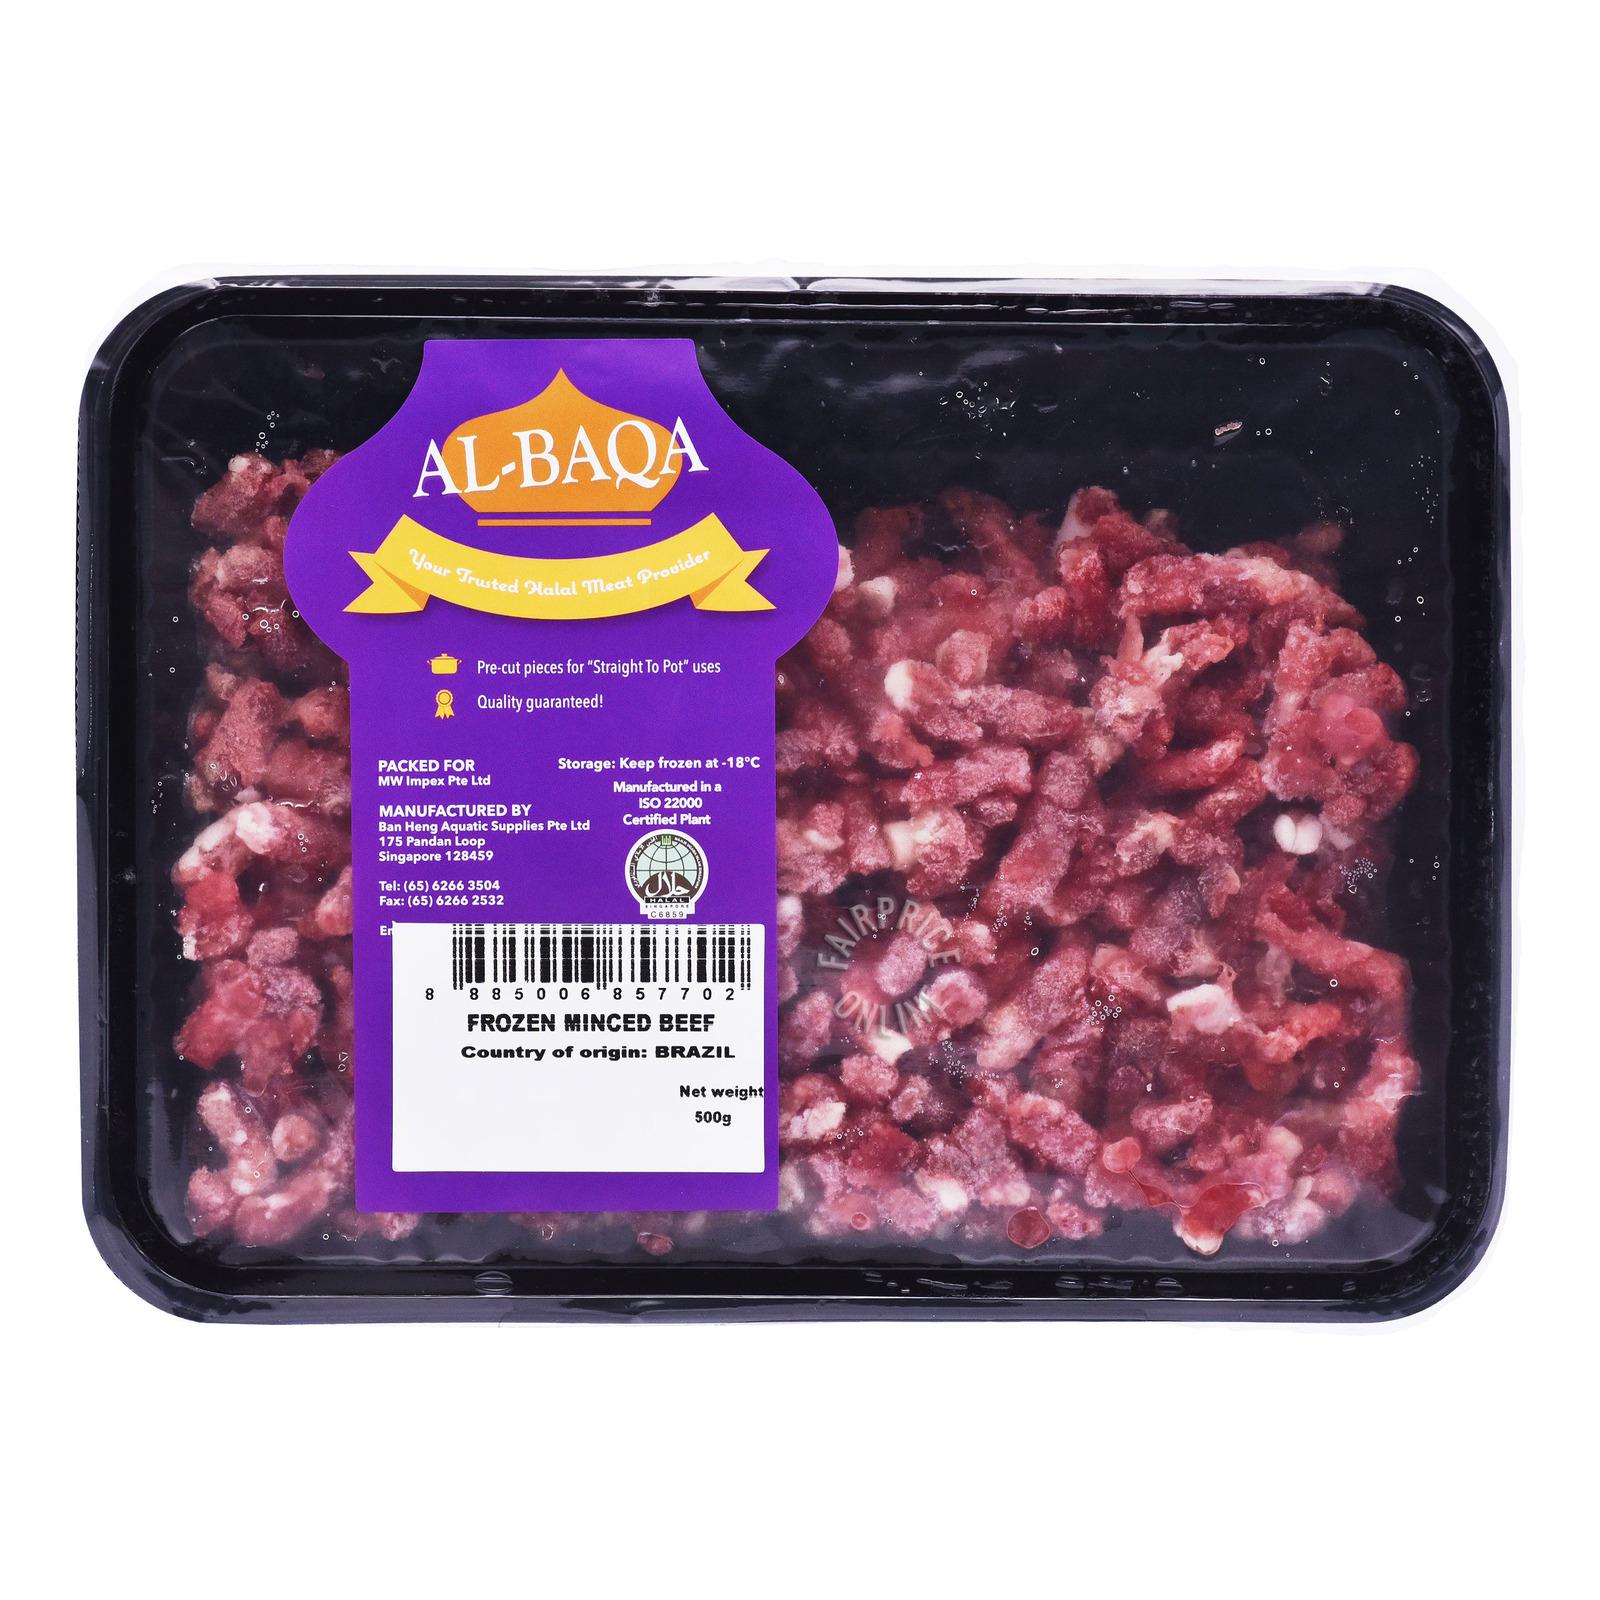 AL-Baqa Frozen Minced Beef